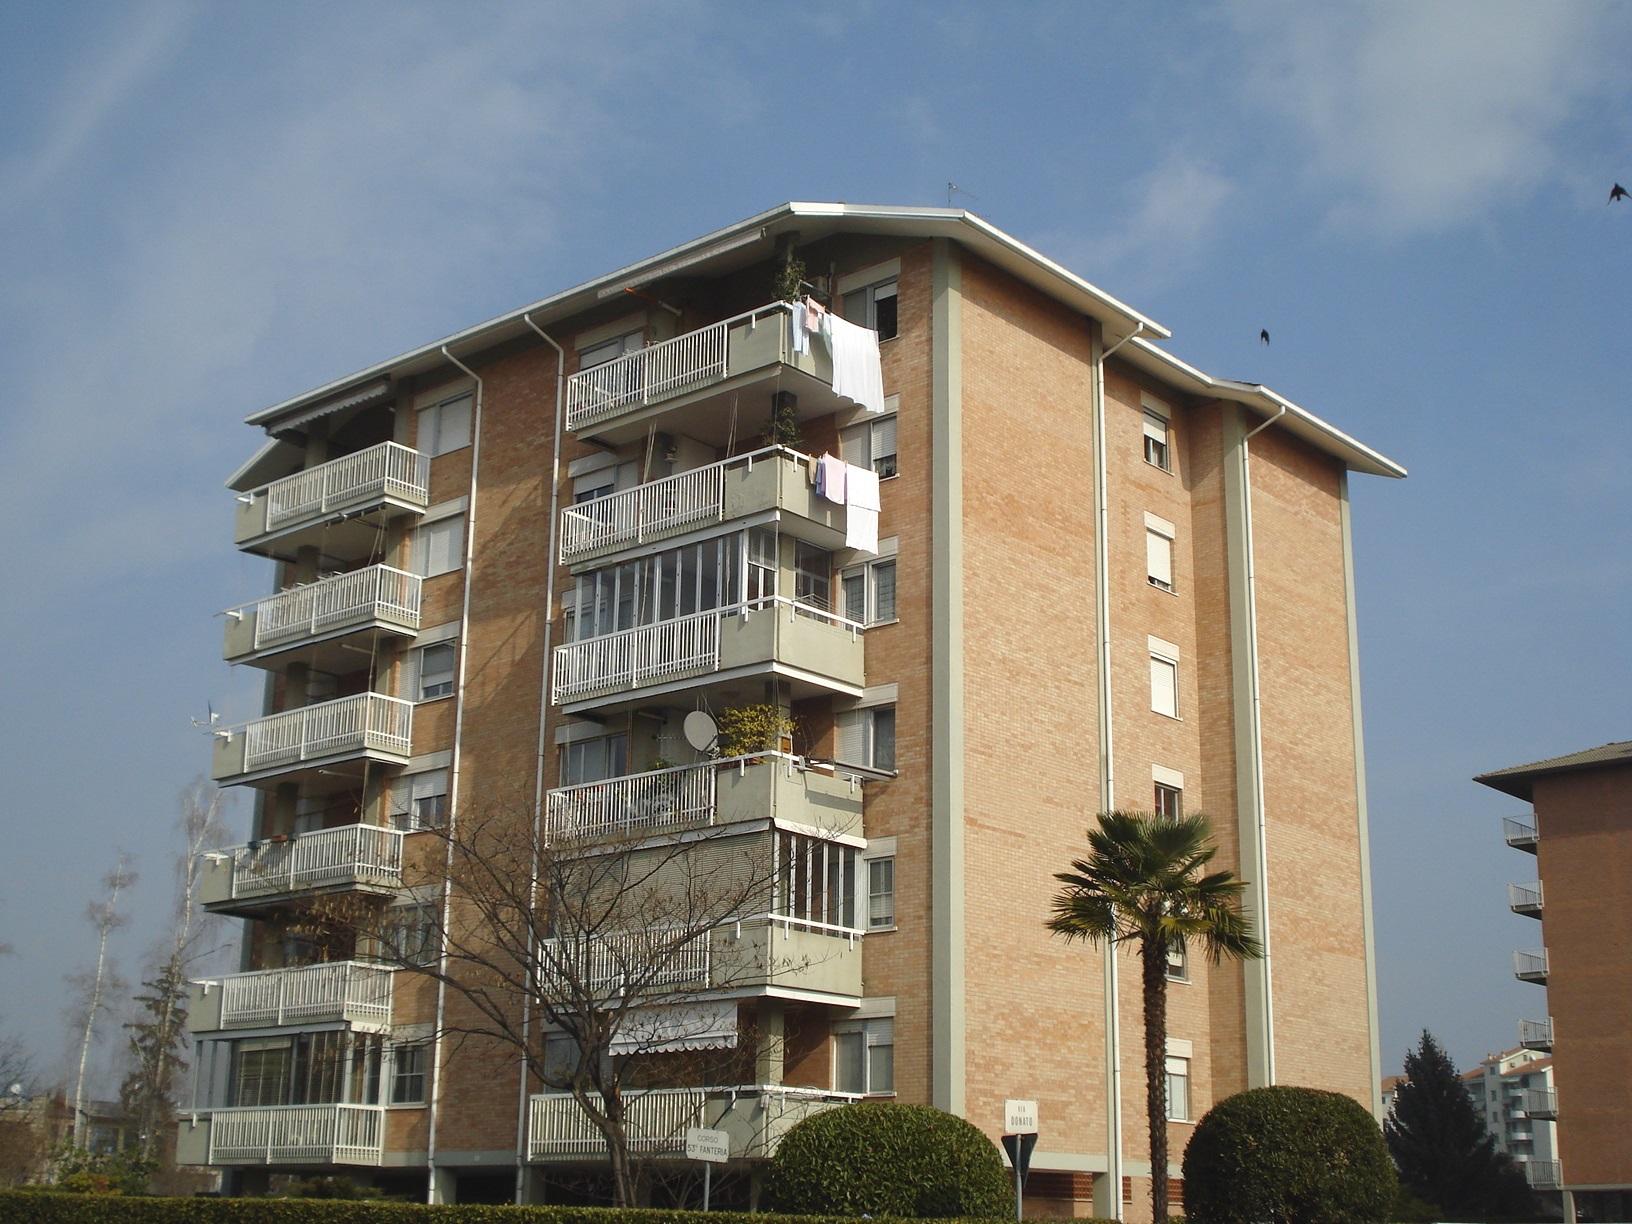 Appartamento in affitto a Biella, 2 locali, zona Zona: Centro, prezzo € 350 | Cambio Casa.it